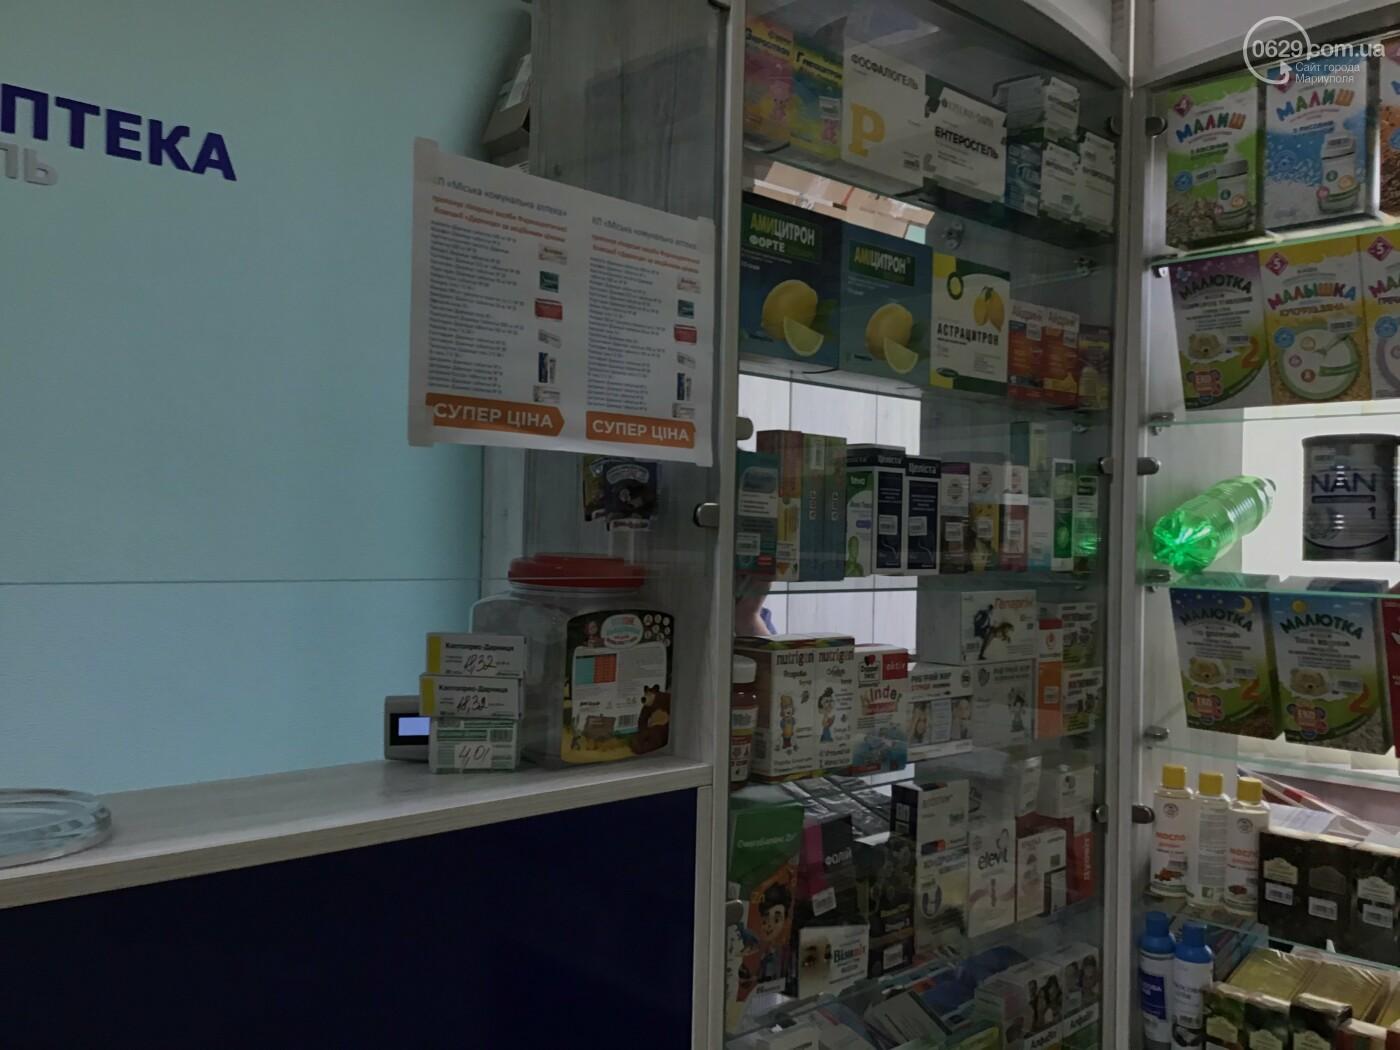 Инсулиновый голод. В Мариуполе диабетиков отрезали от жизненно важного лекарства, - ФОТО, ВИДЕО, фото-2